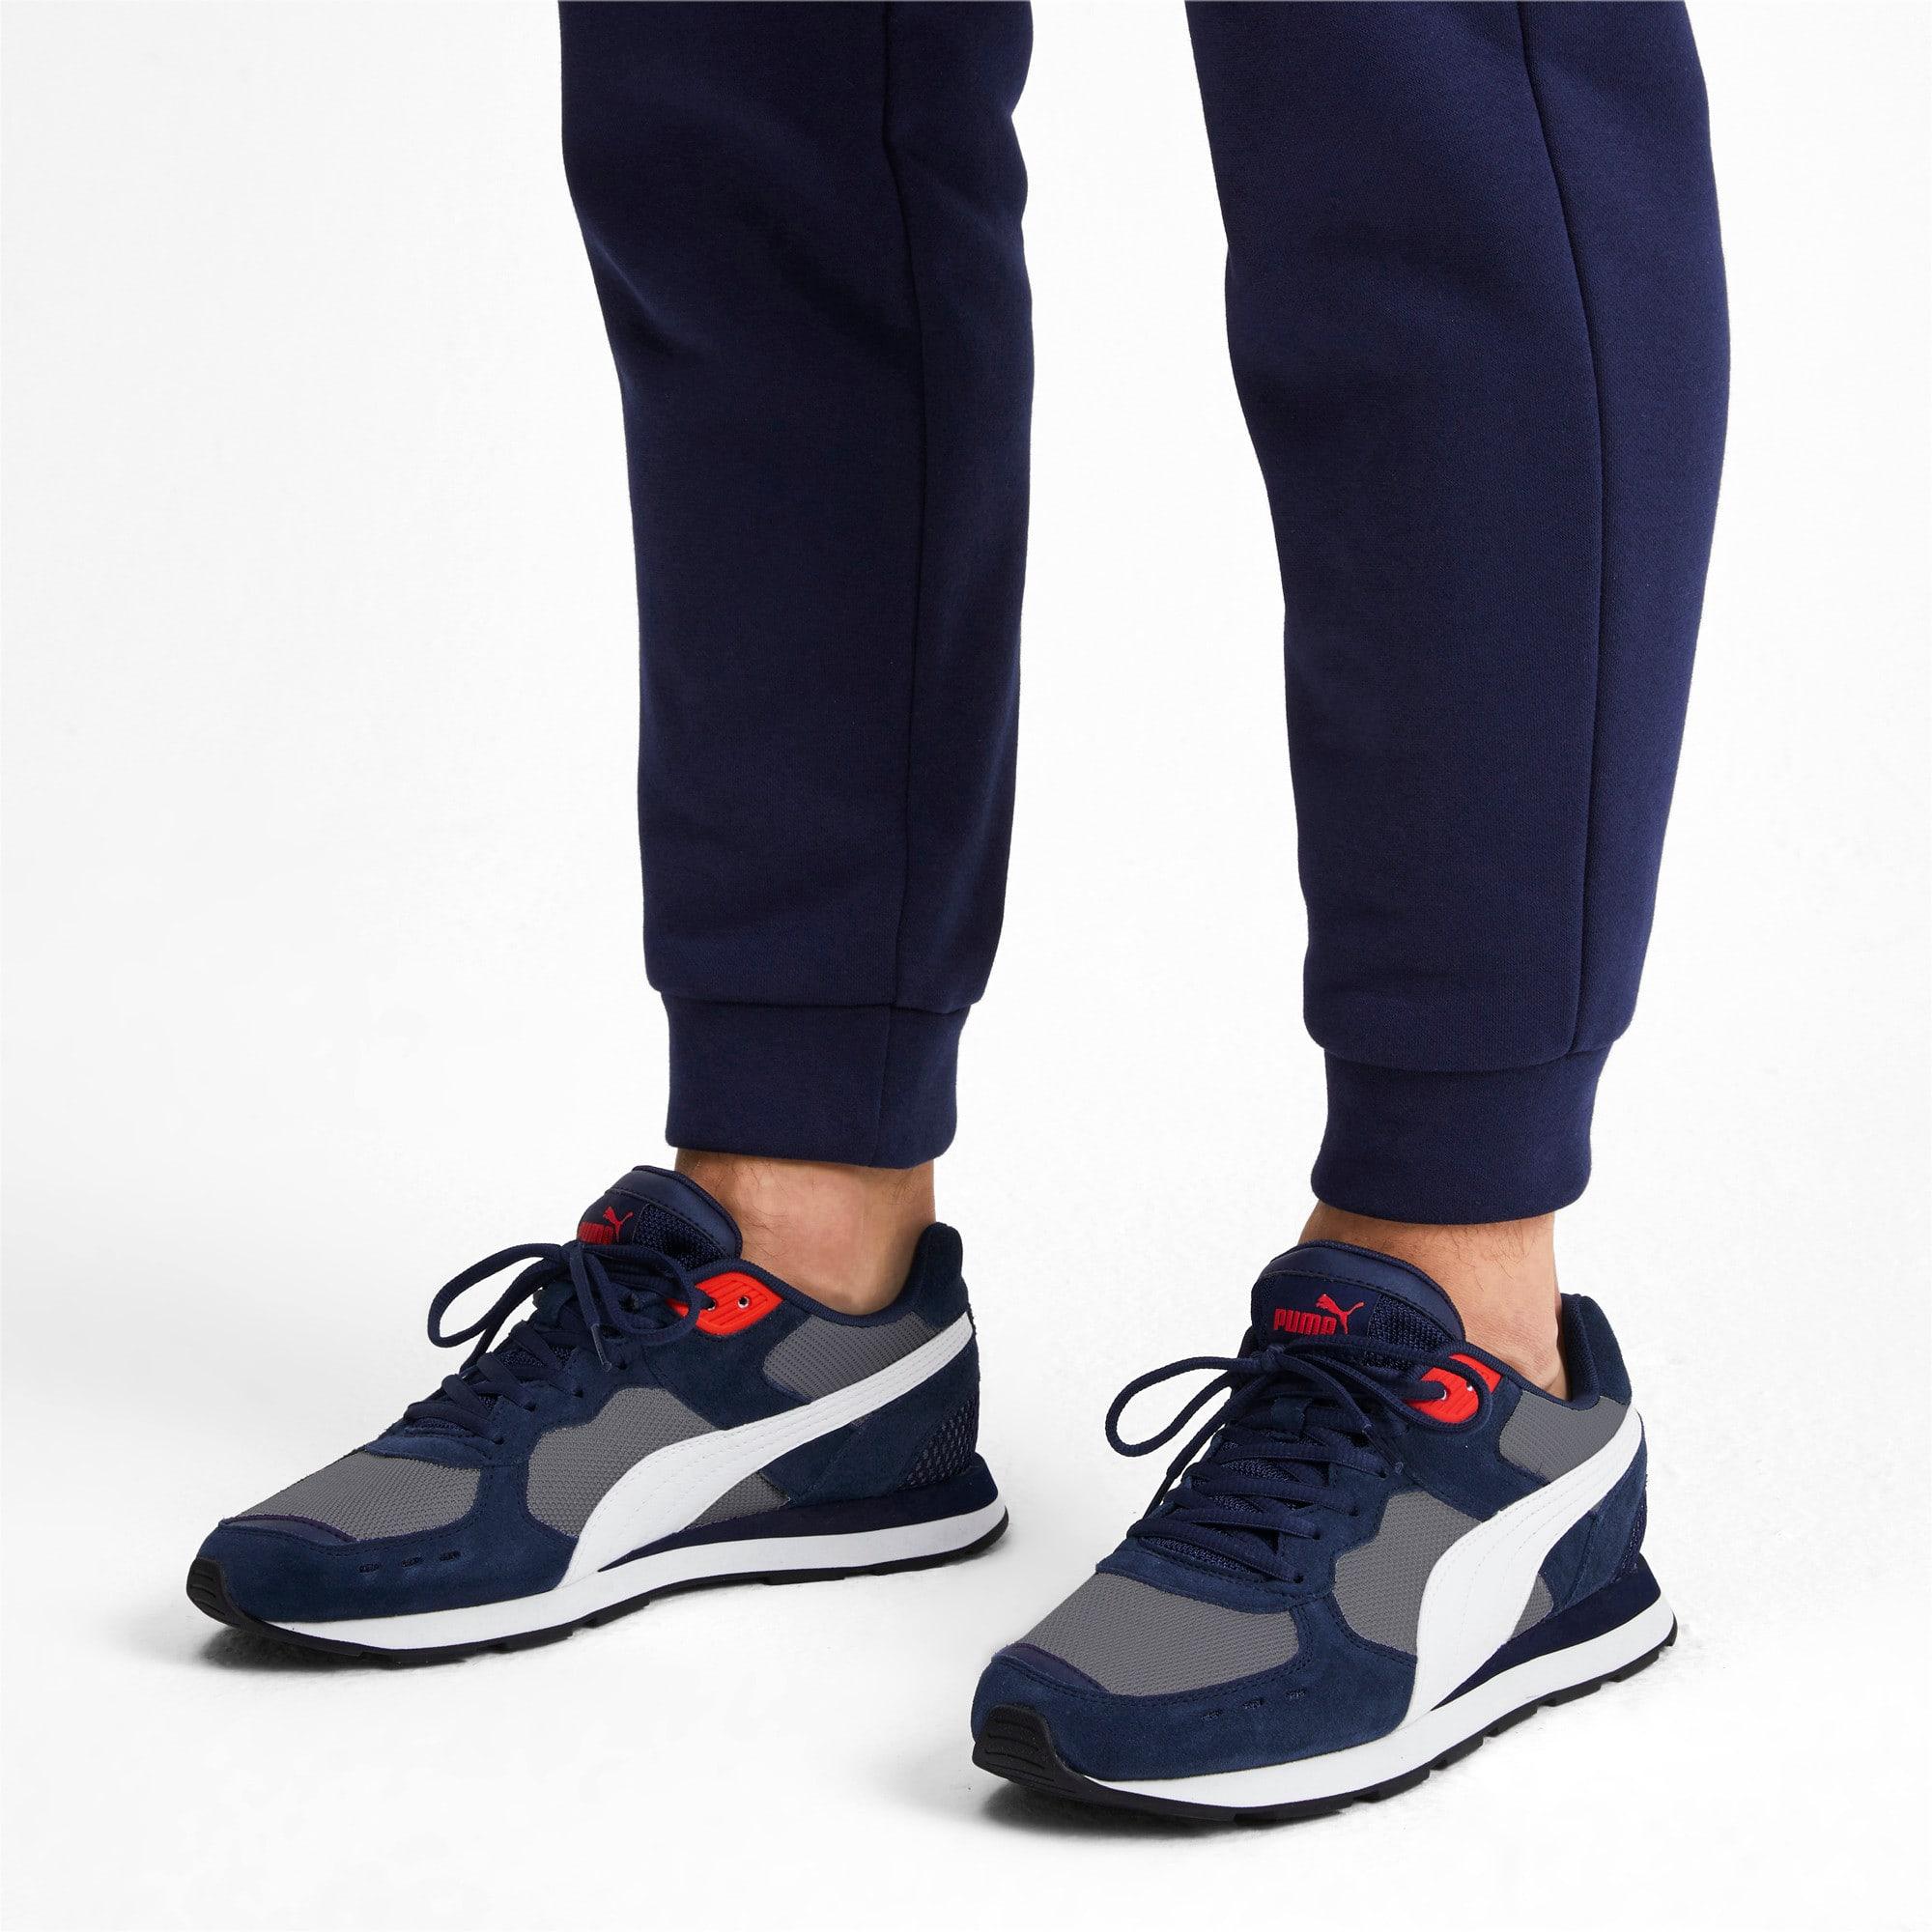 Miniatura 2 de Zapatos deportivos Vista, Peacoat-Puma White, mediano